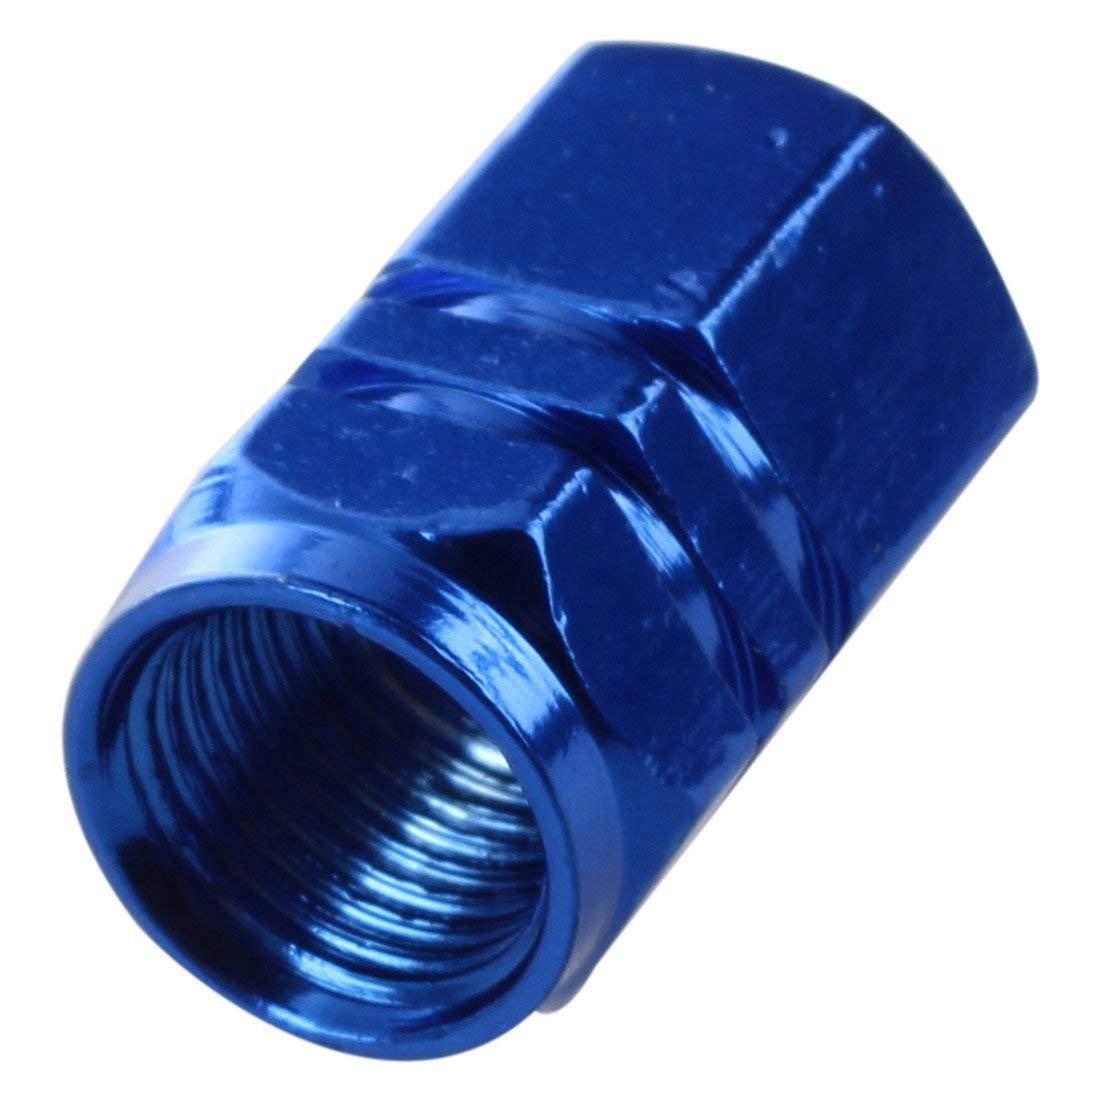 SODIAL Auto Voiture Bleu Fonce Metal Pneu Vanne Couvertures Bouchons 4 Pcs R